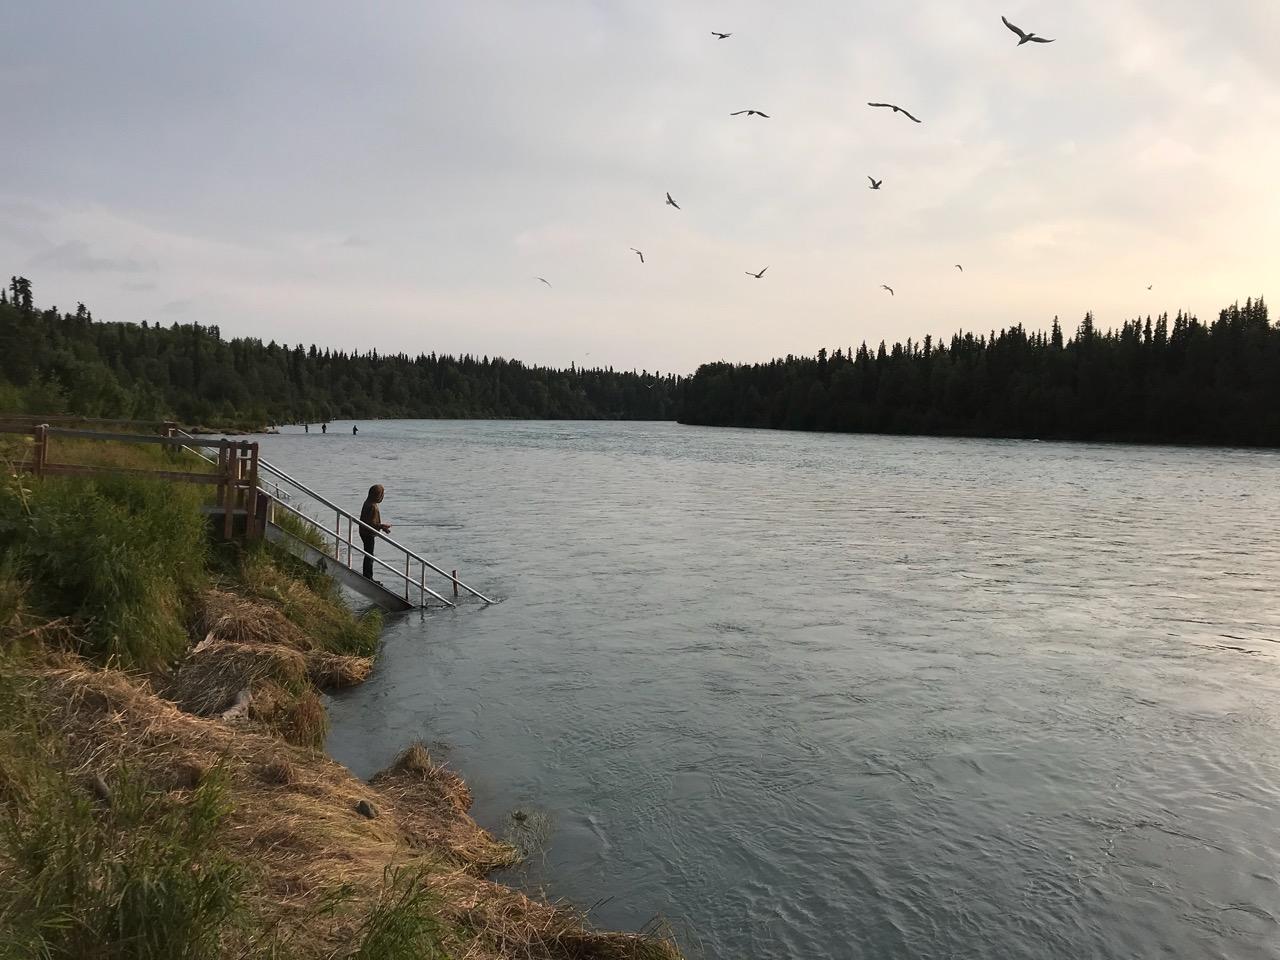 Jack fishing on the blue-green Kenai River.